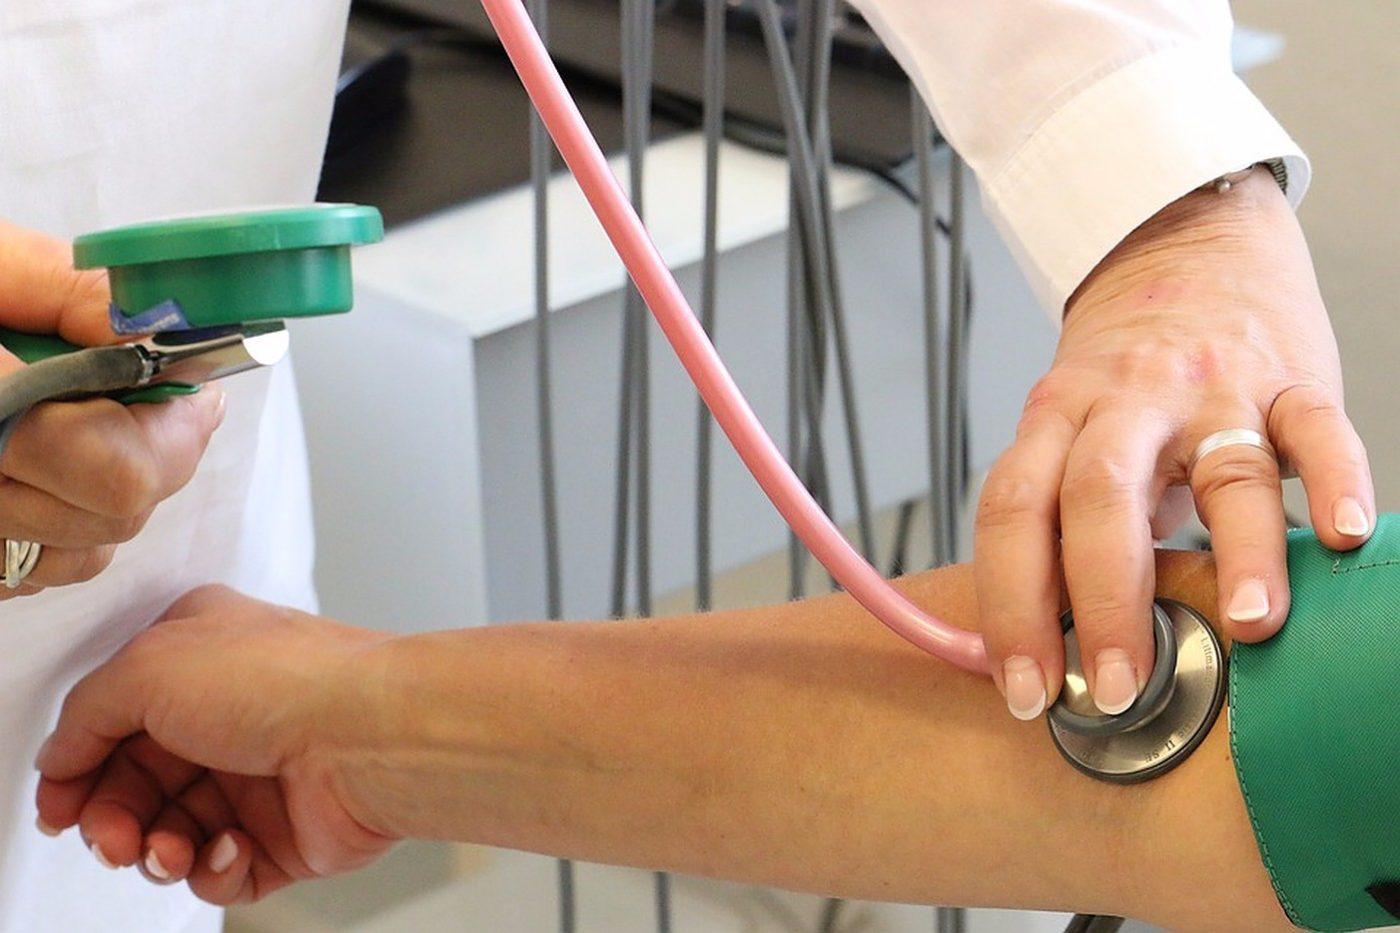 lijekovi za liječenje hipertenzije u starijih osoba)